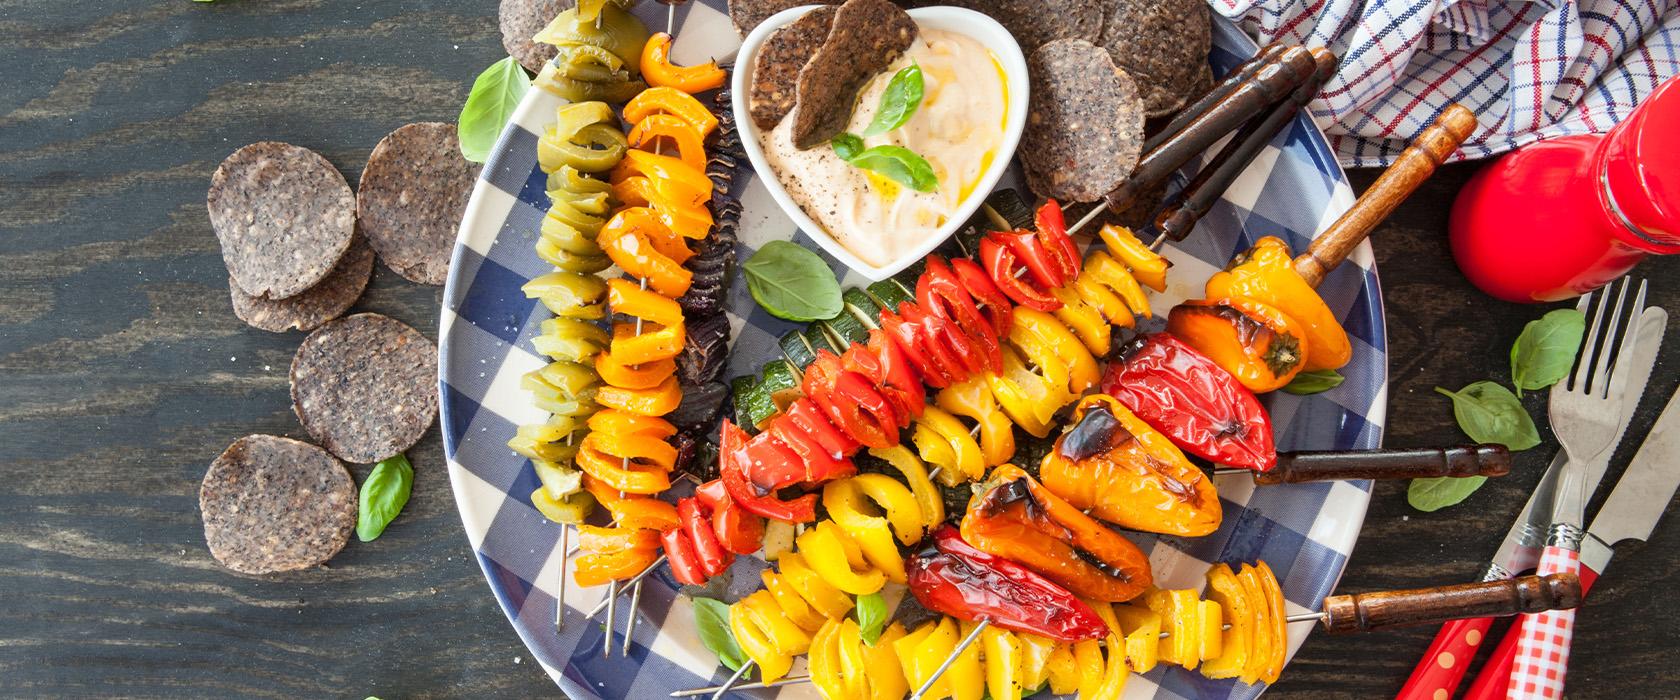 Полезное питание - советы и рецепты на каждый день меню